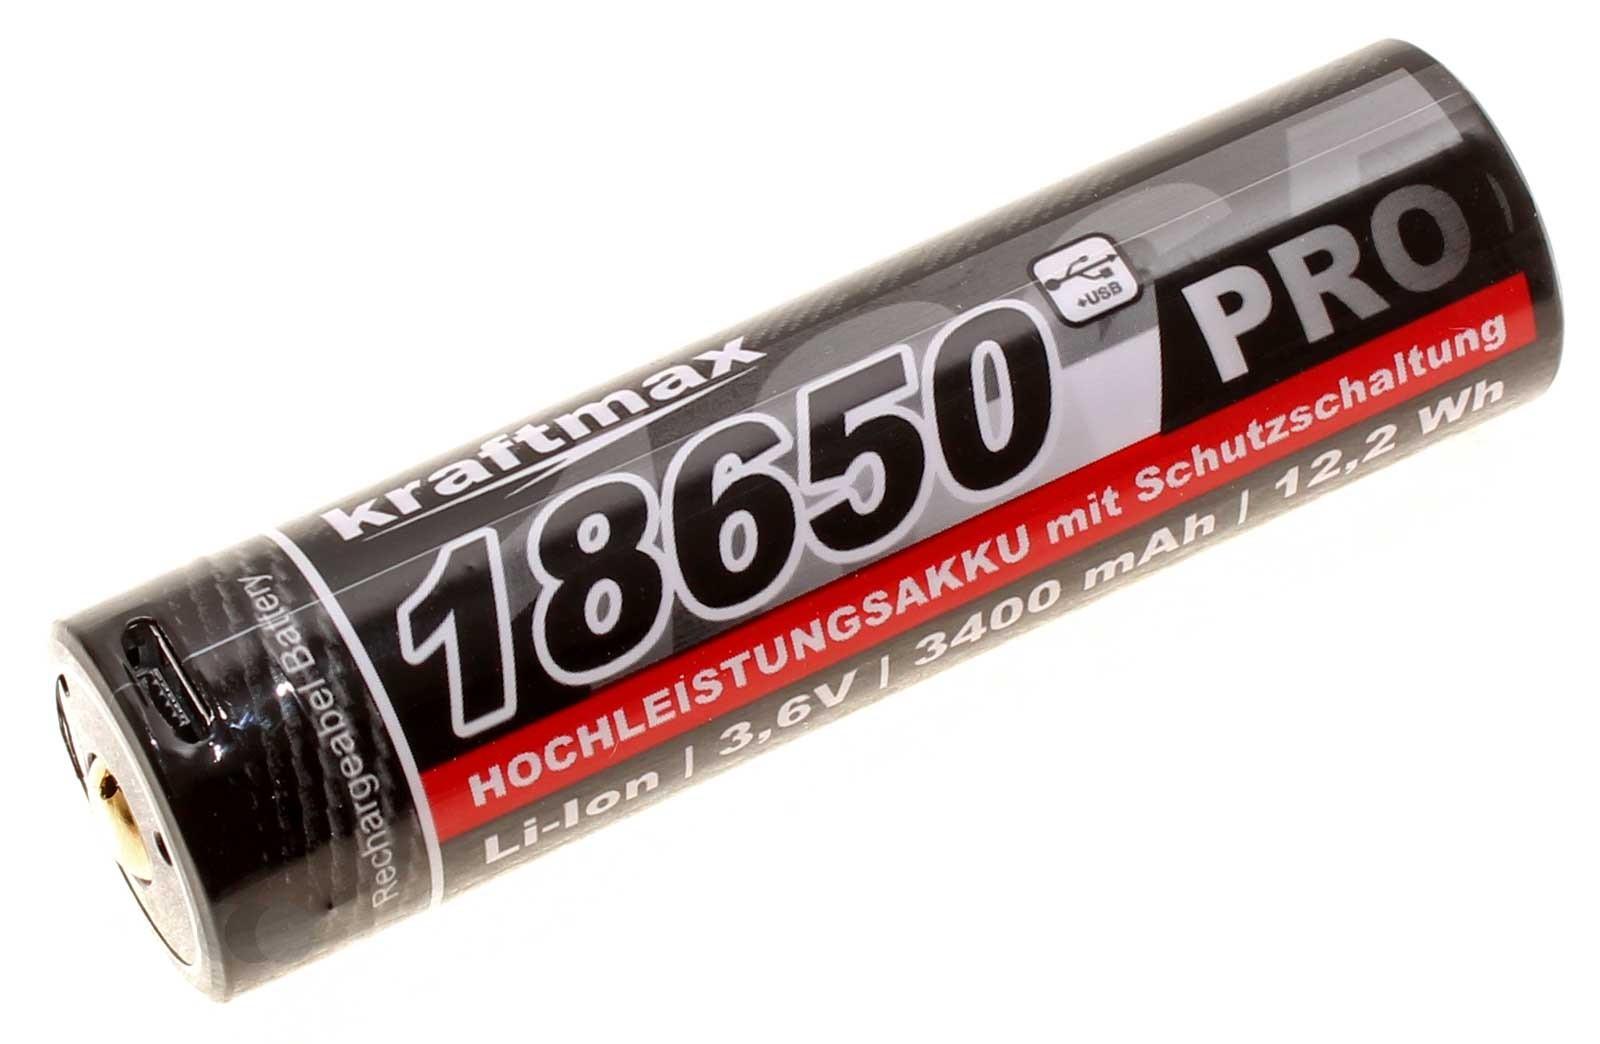 3,6V Kraftmax 18650 Pro, PCB Schutzschaltung, Micro-USB Ladeanschluss, 3400mAh